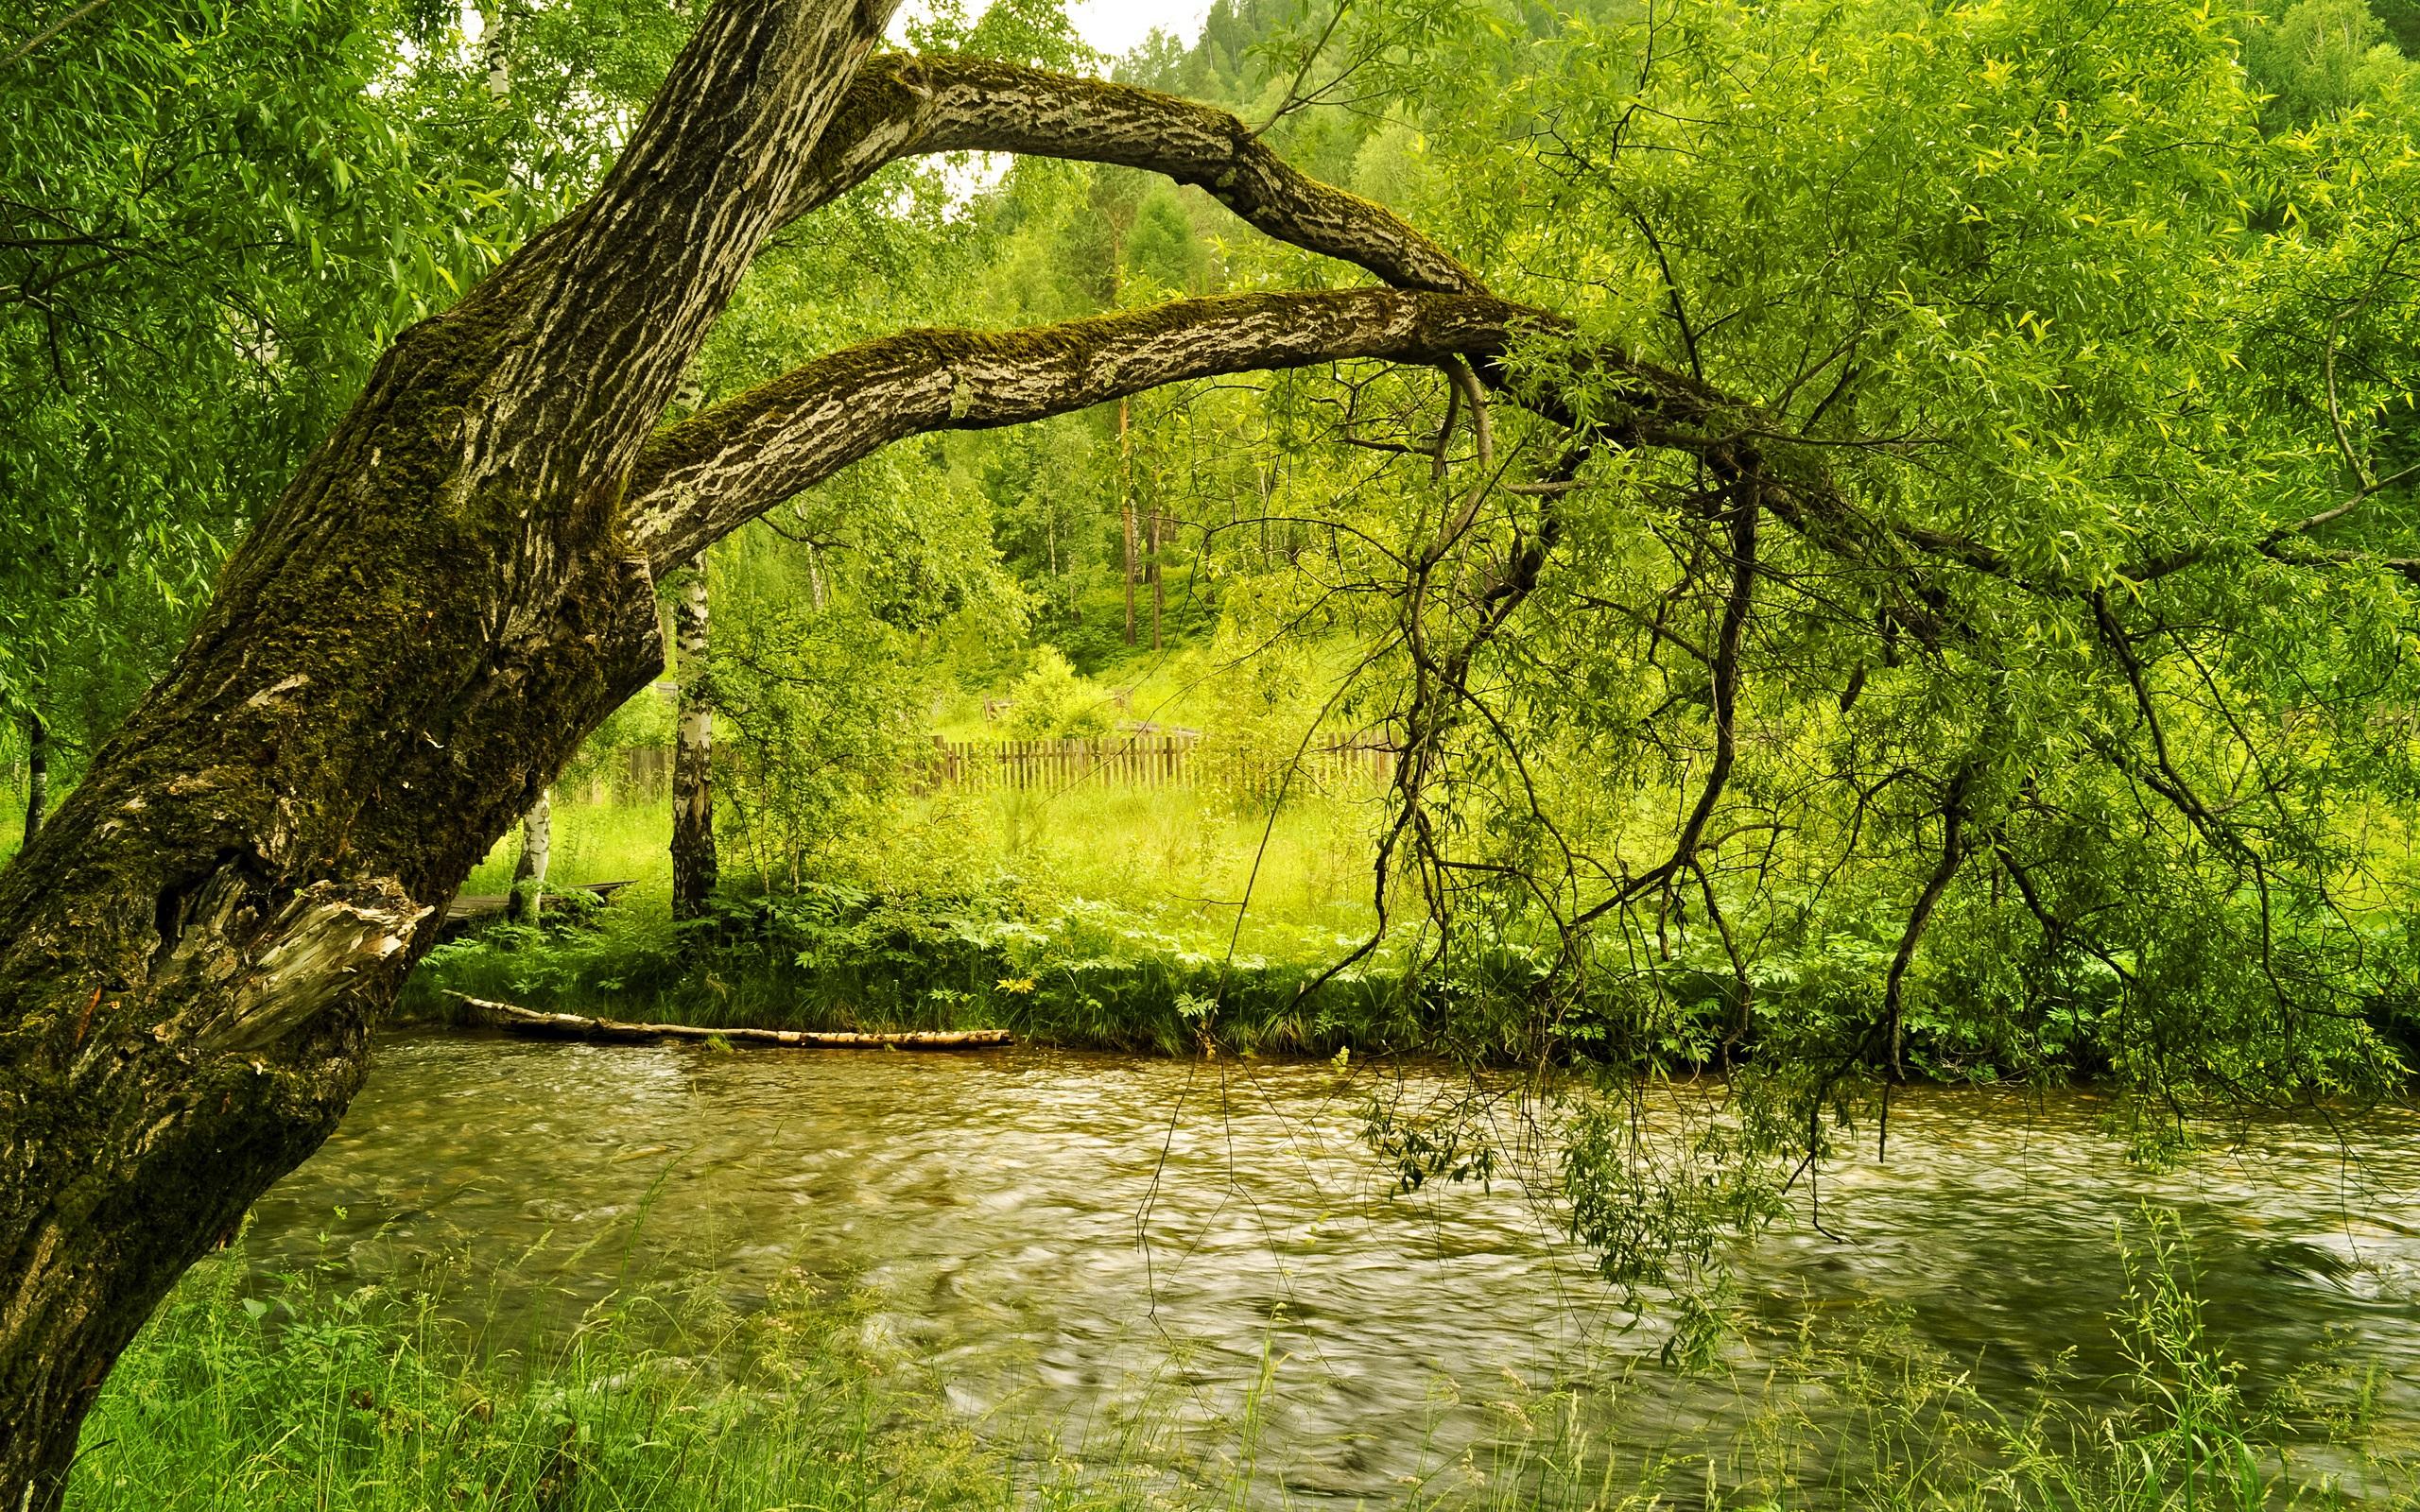 природа трава река цветы деревья парк nature grass river flowers trees Park загрузить